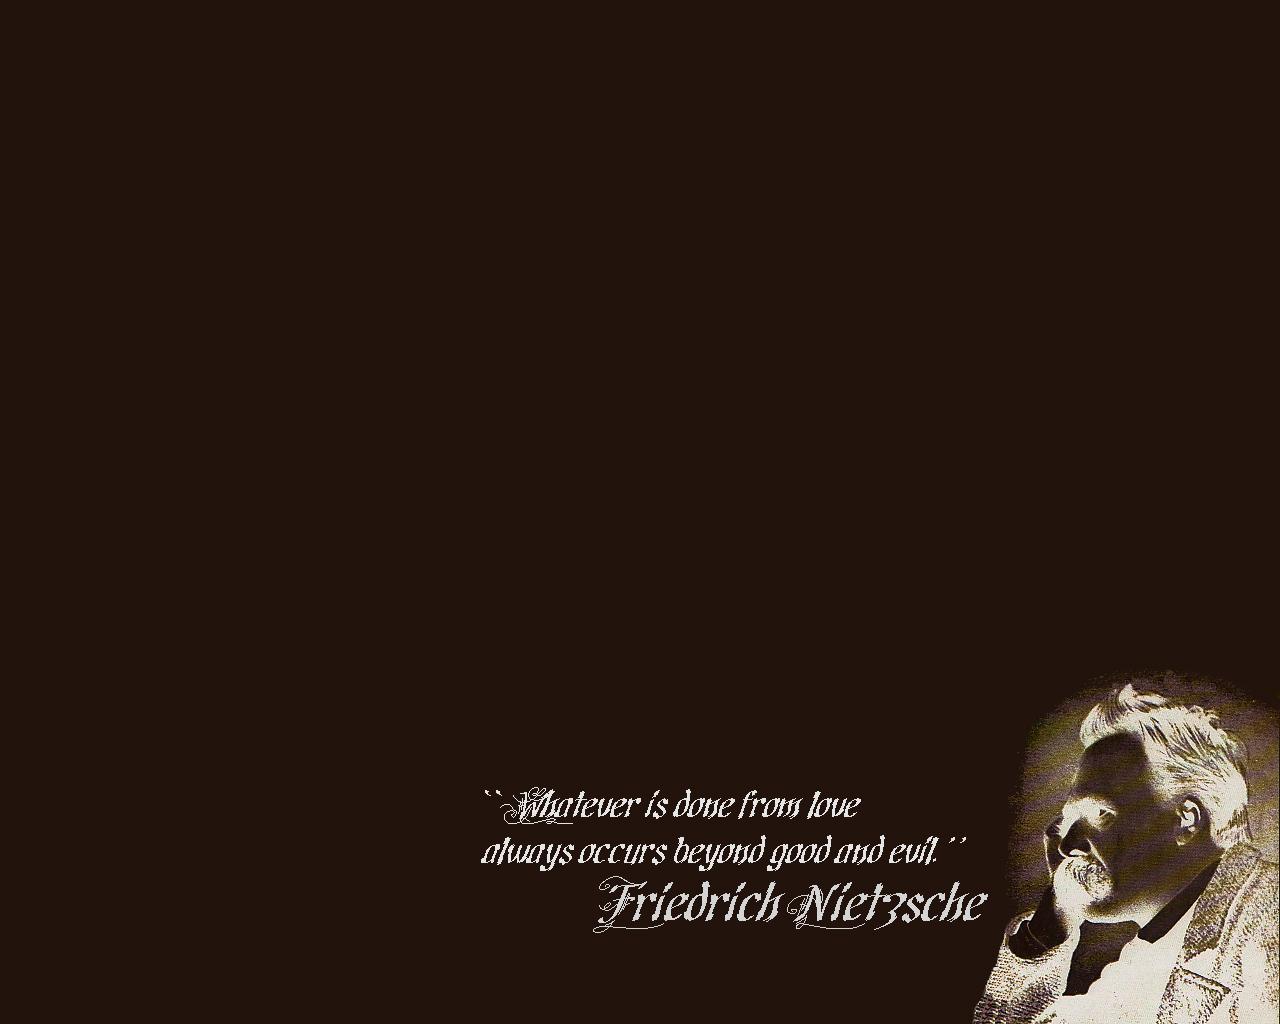 http://4.bp.blogspot.com/-13sJ1VKEICw/TbG_wxKCvTI/AAAAAAAAAc4/zK4e4HzLYMw/s1600/Nietzsche+in+Love+by+xapax.jpg